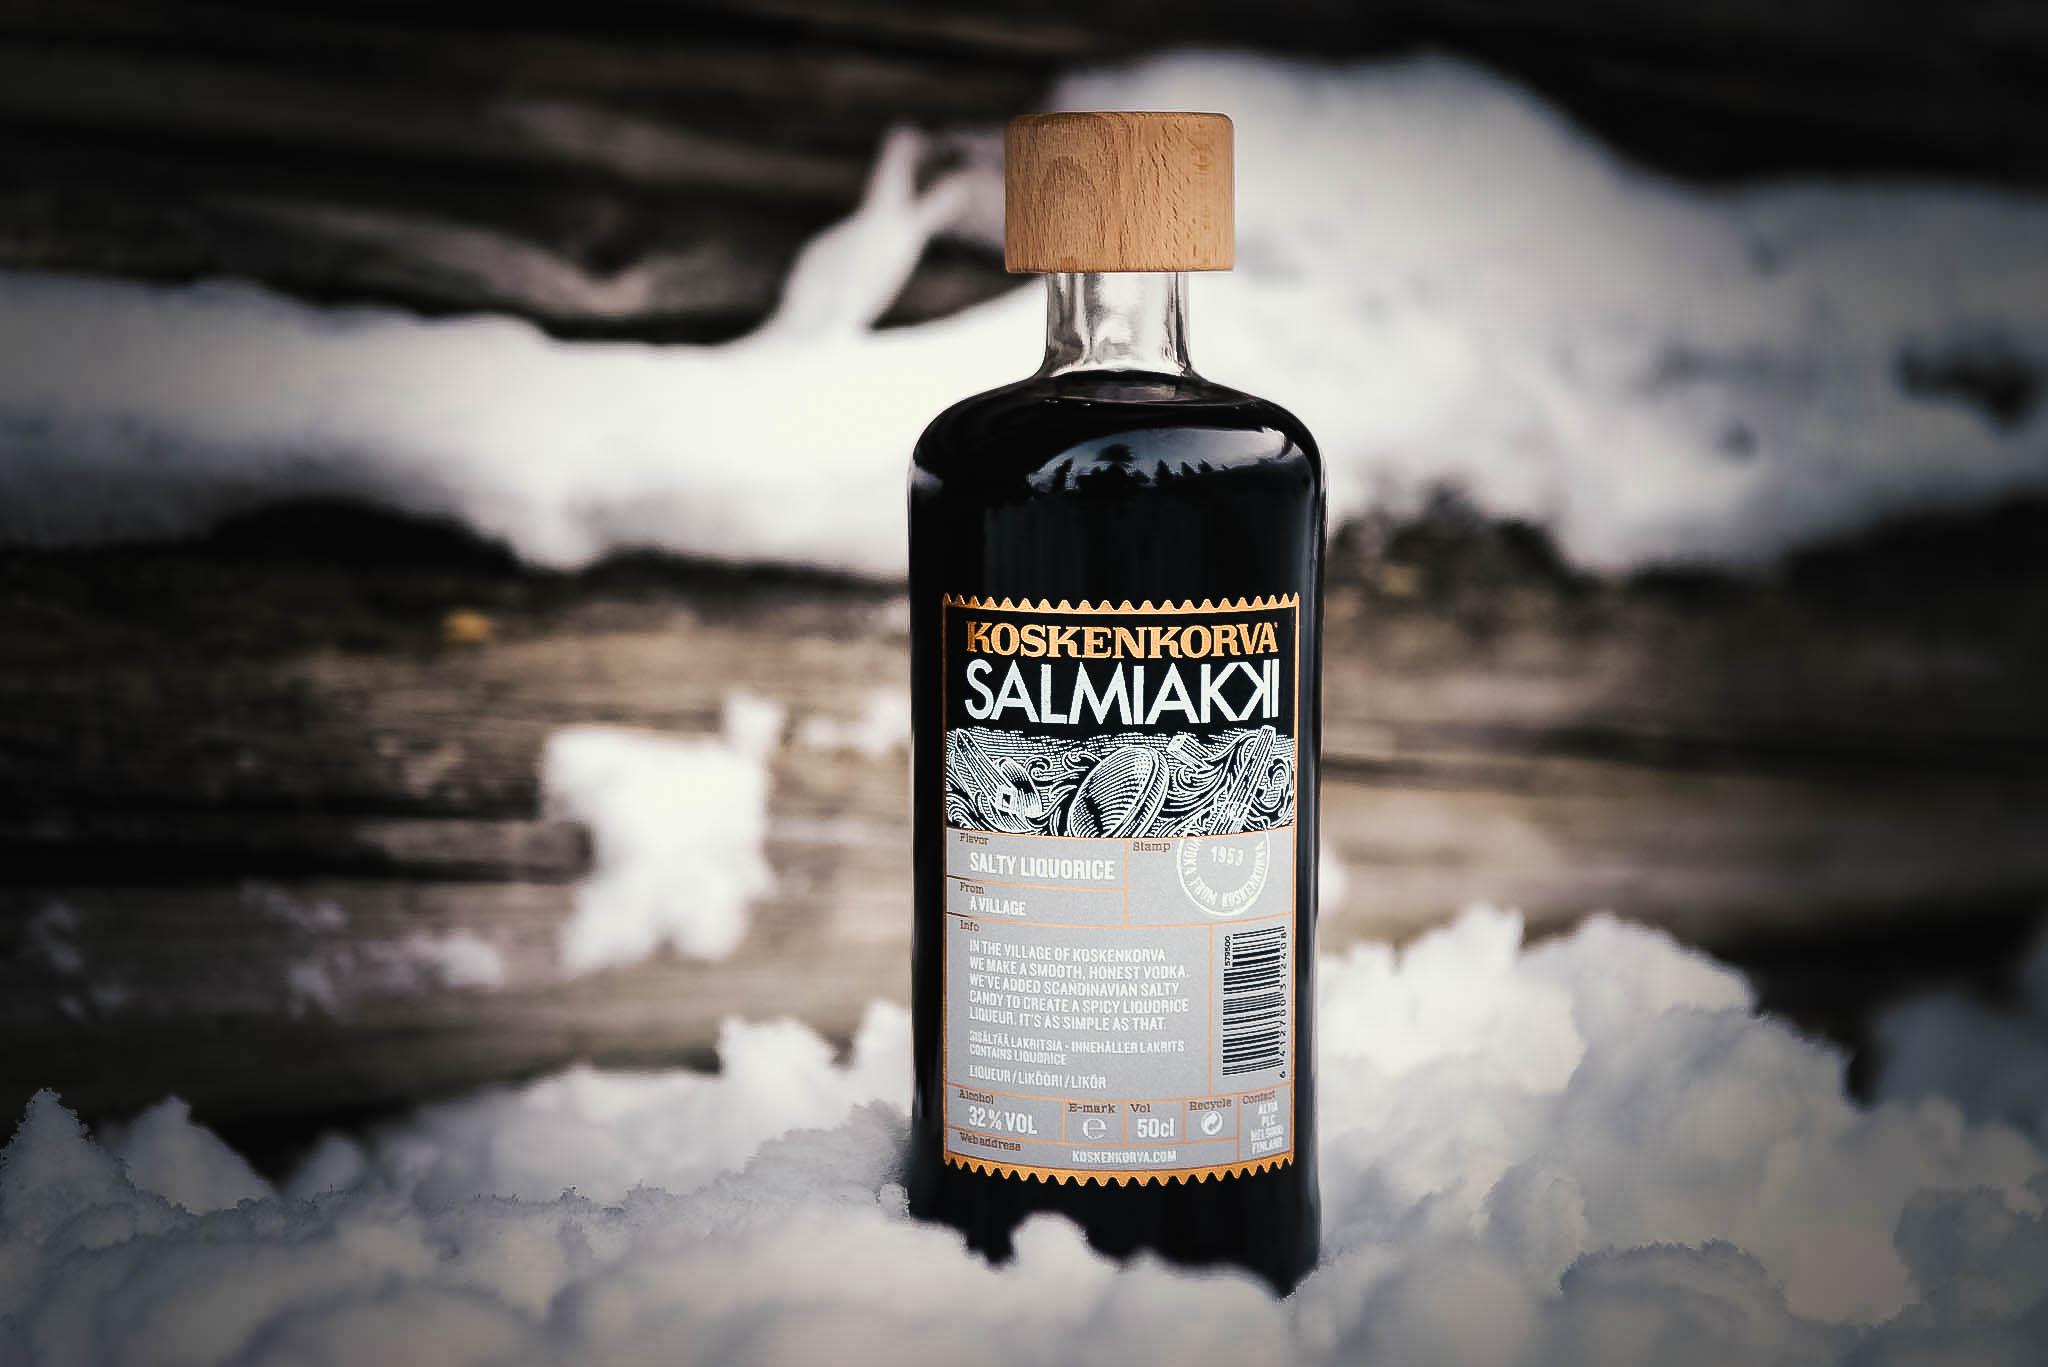 Koskenkorva salmiakki bottle and snow